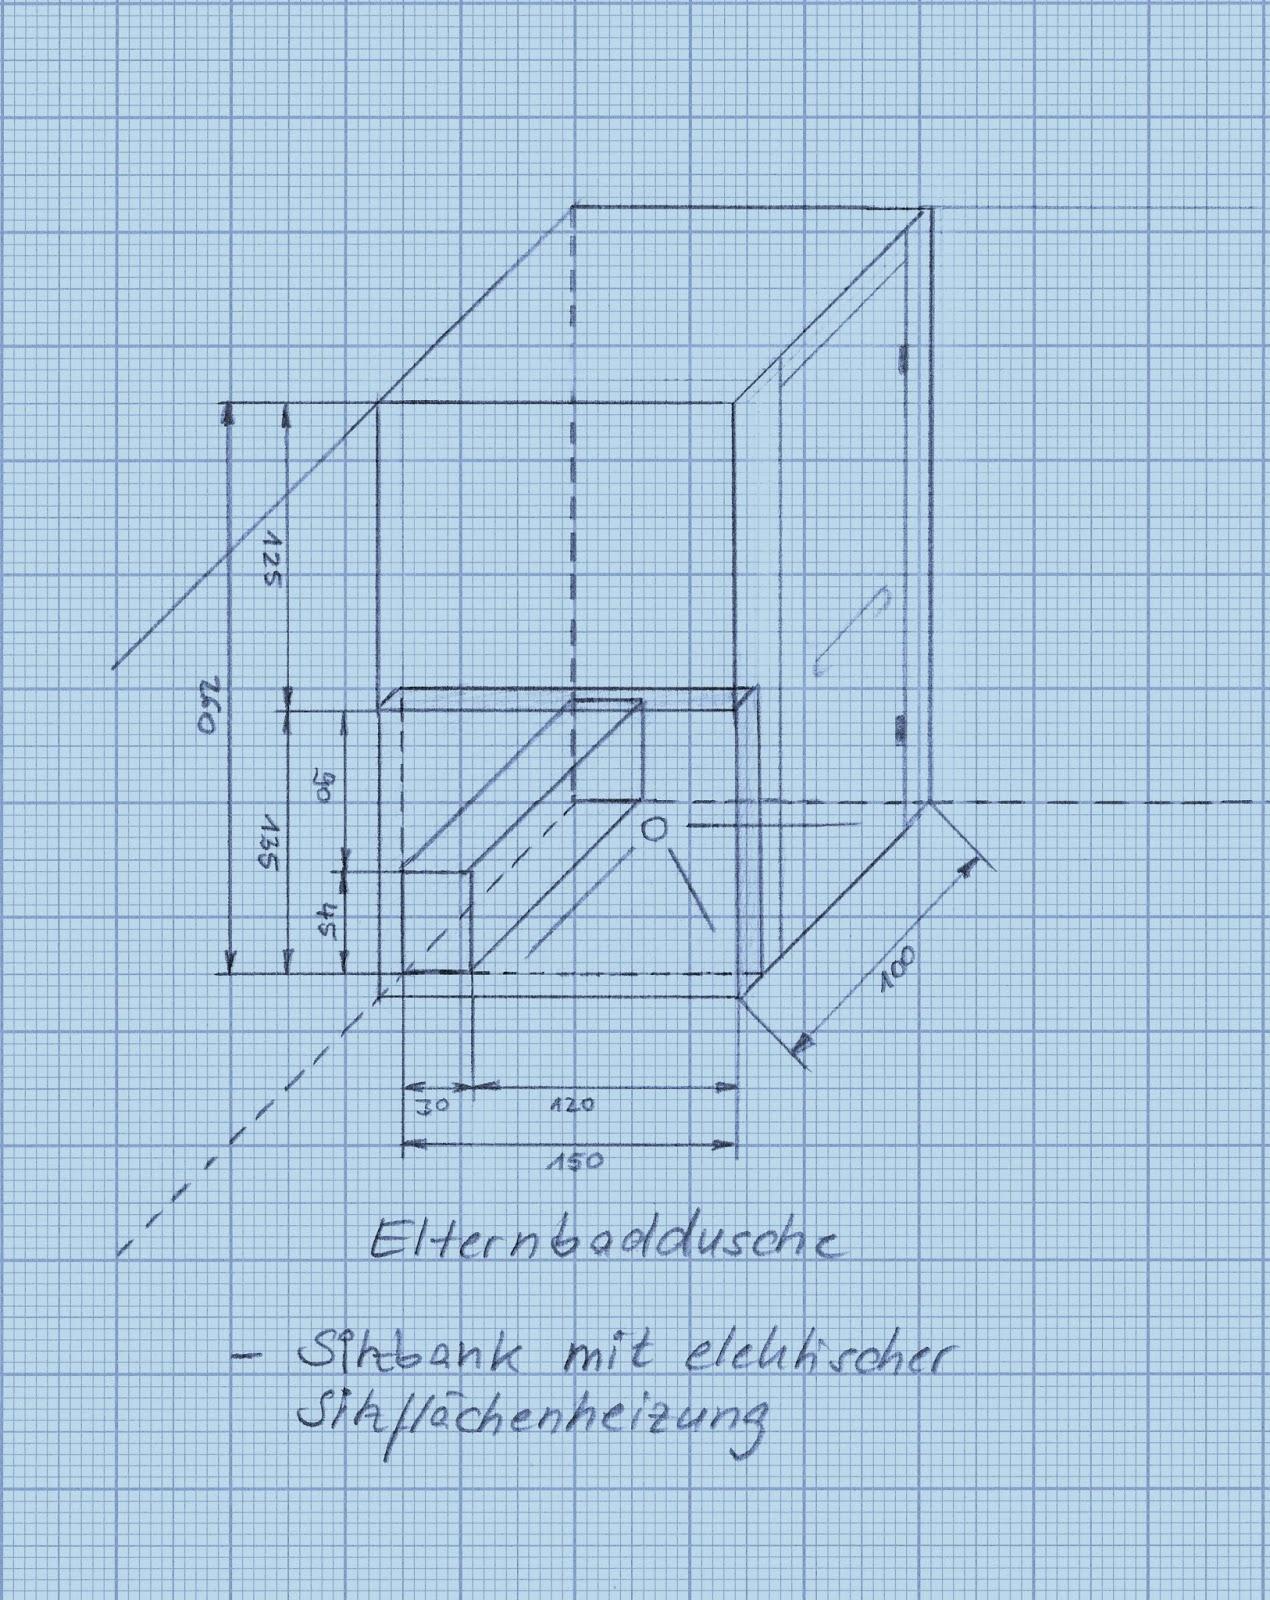 dusche sitzbank gemauert. Black Bedroom Furniture Sets. Home Design Ideas